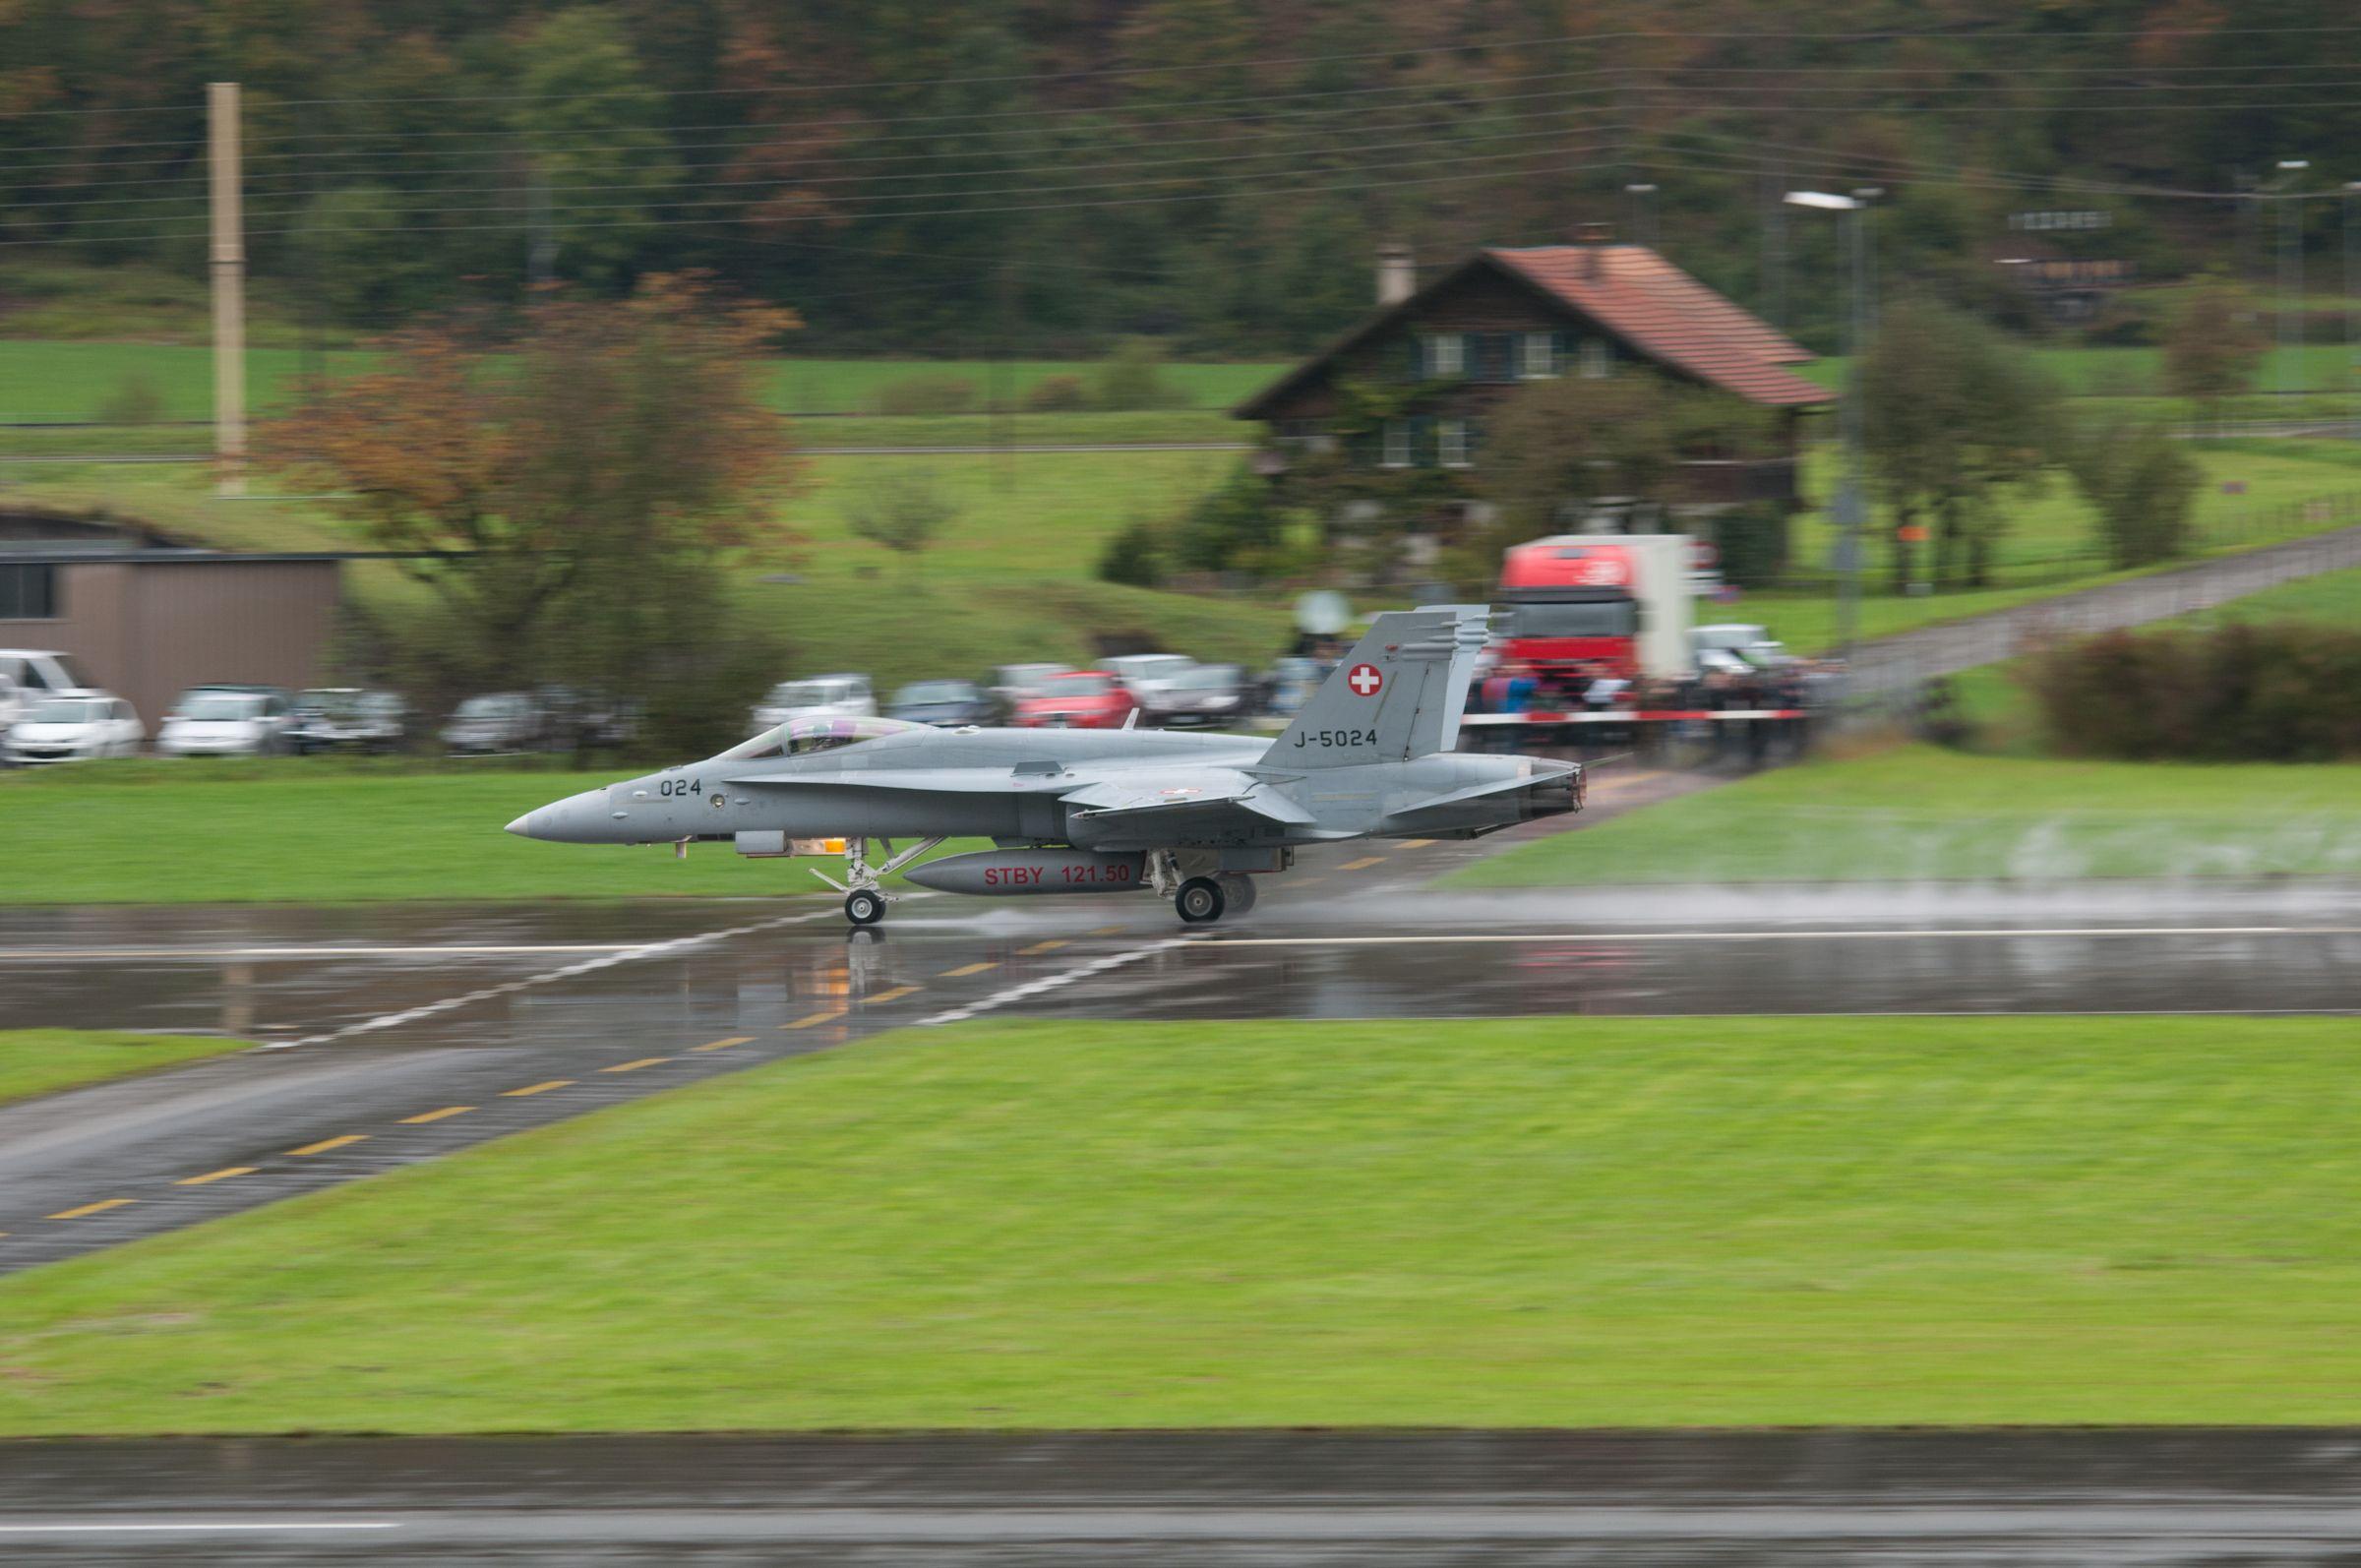 Air force live fire event Axalp 2012 - 10-11 Oct 2012 - Pagina 2 Dsc0081zh